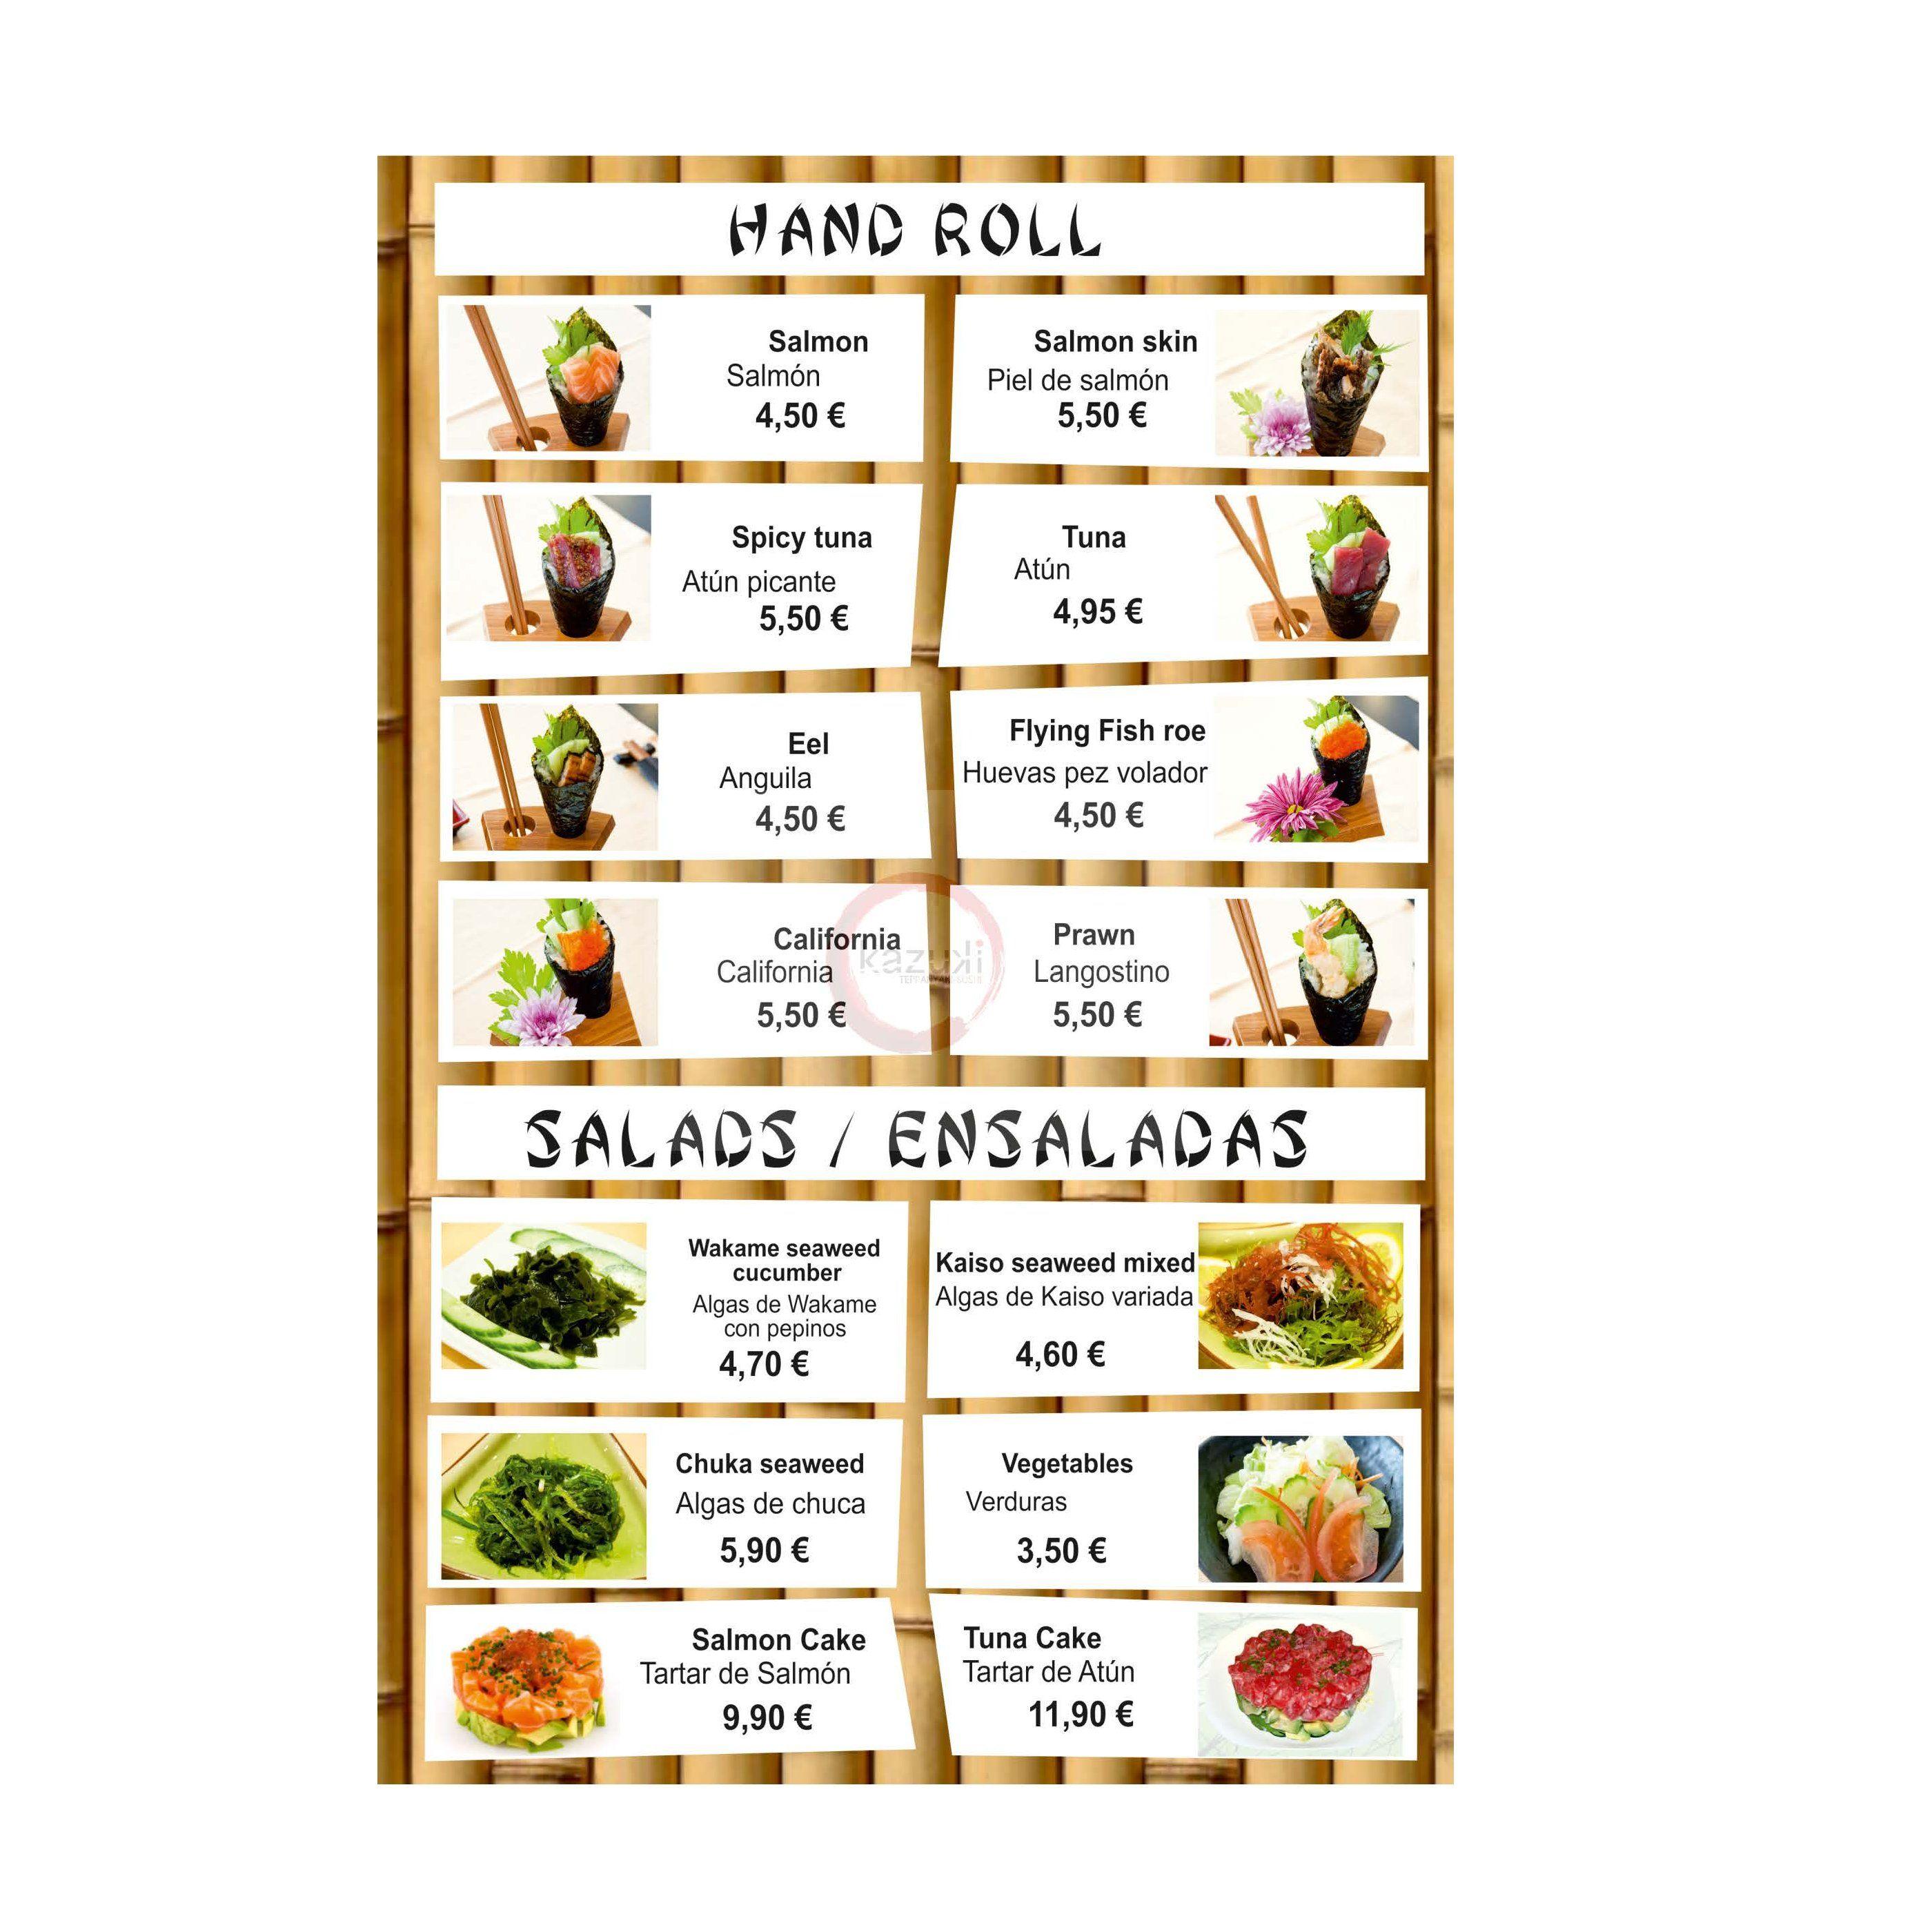 Hall Roll / Ensaladas